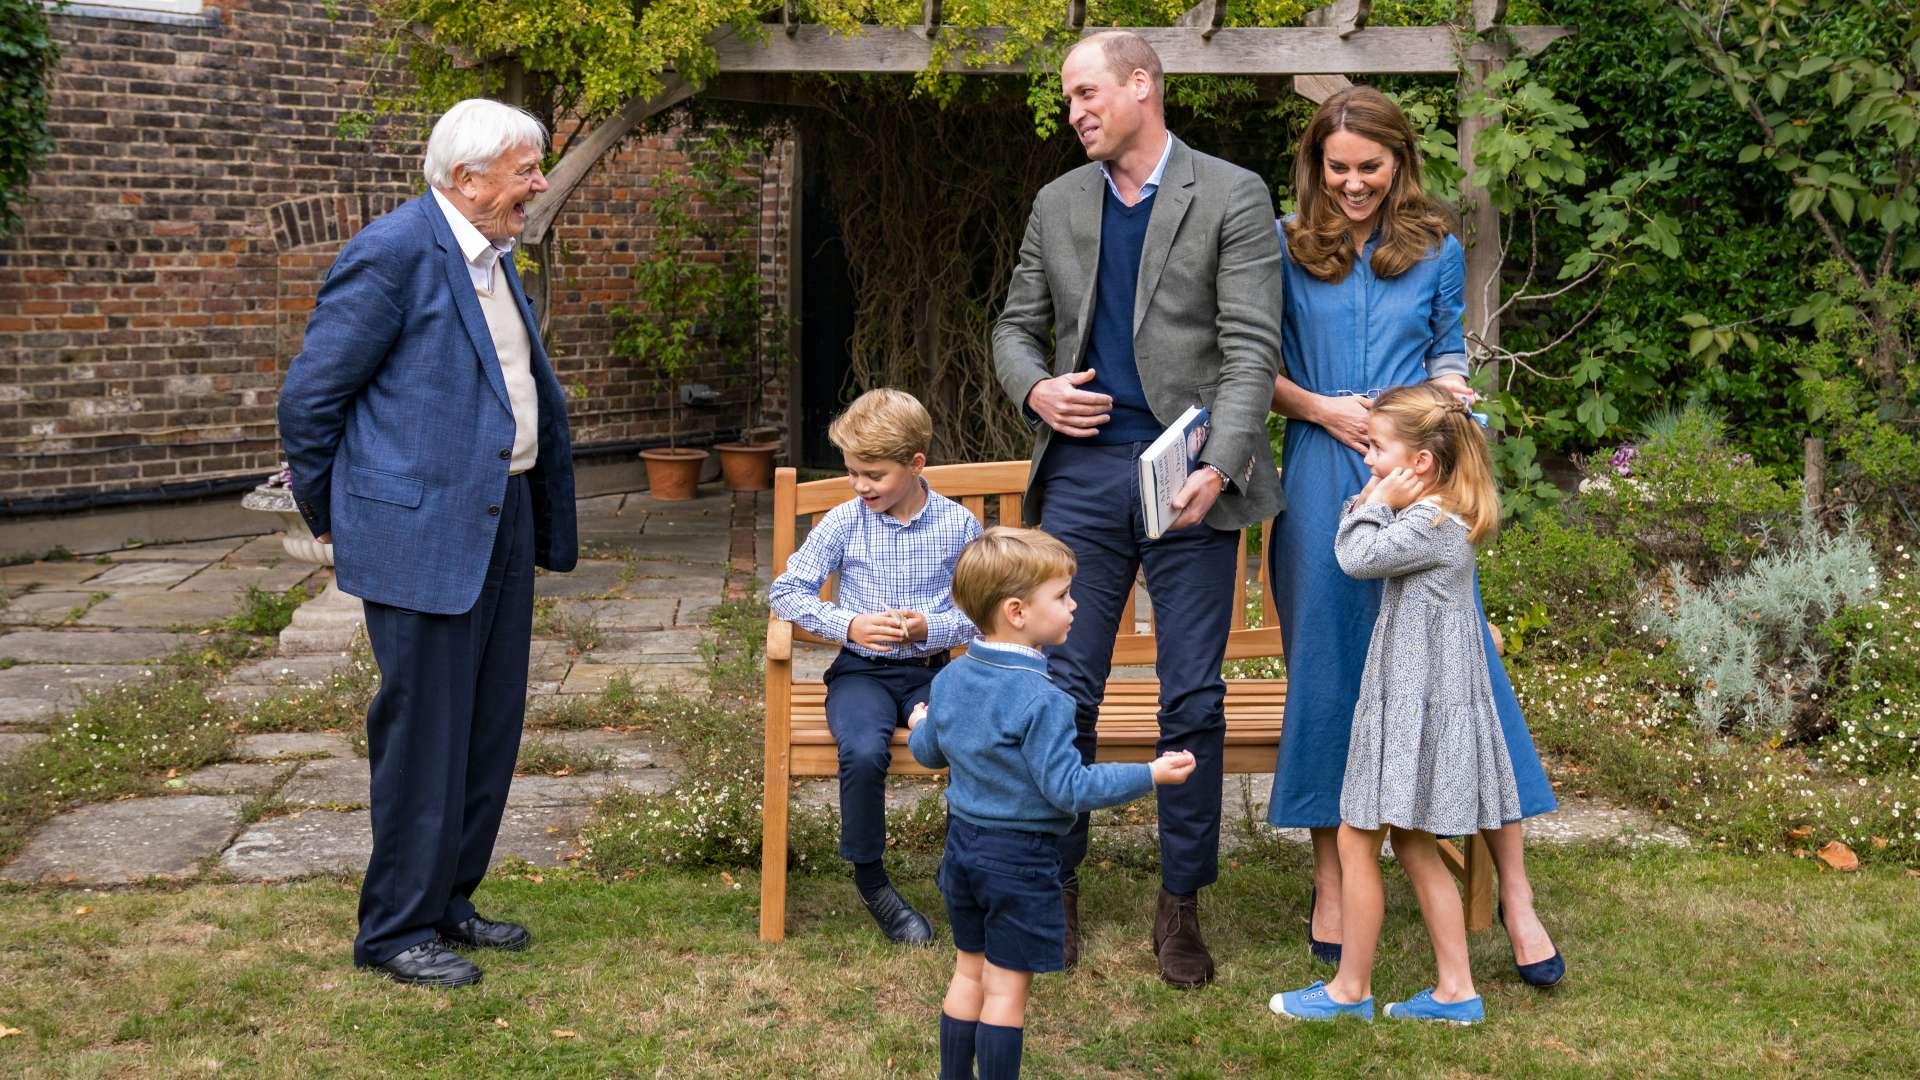 David Attenborough Vilmossal, Katalinnal és a gyerekekkel